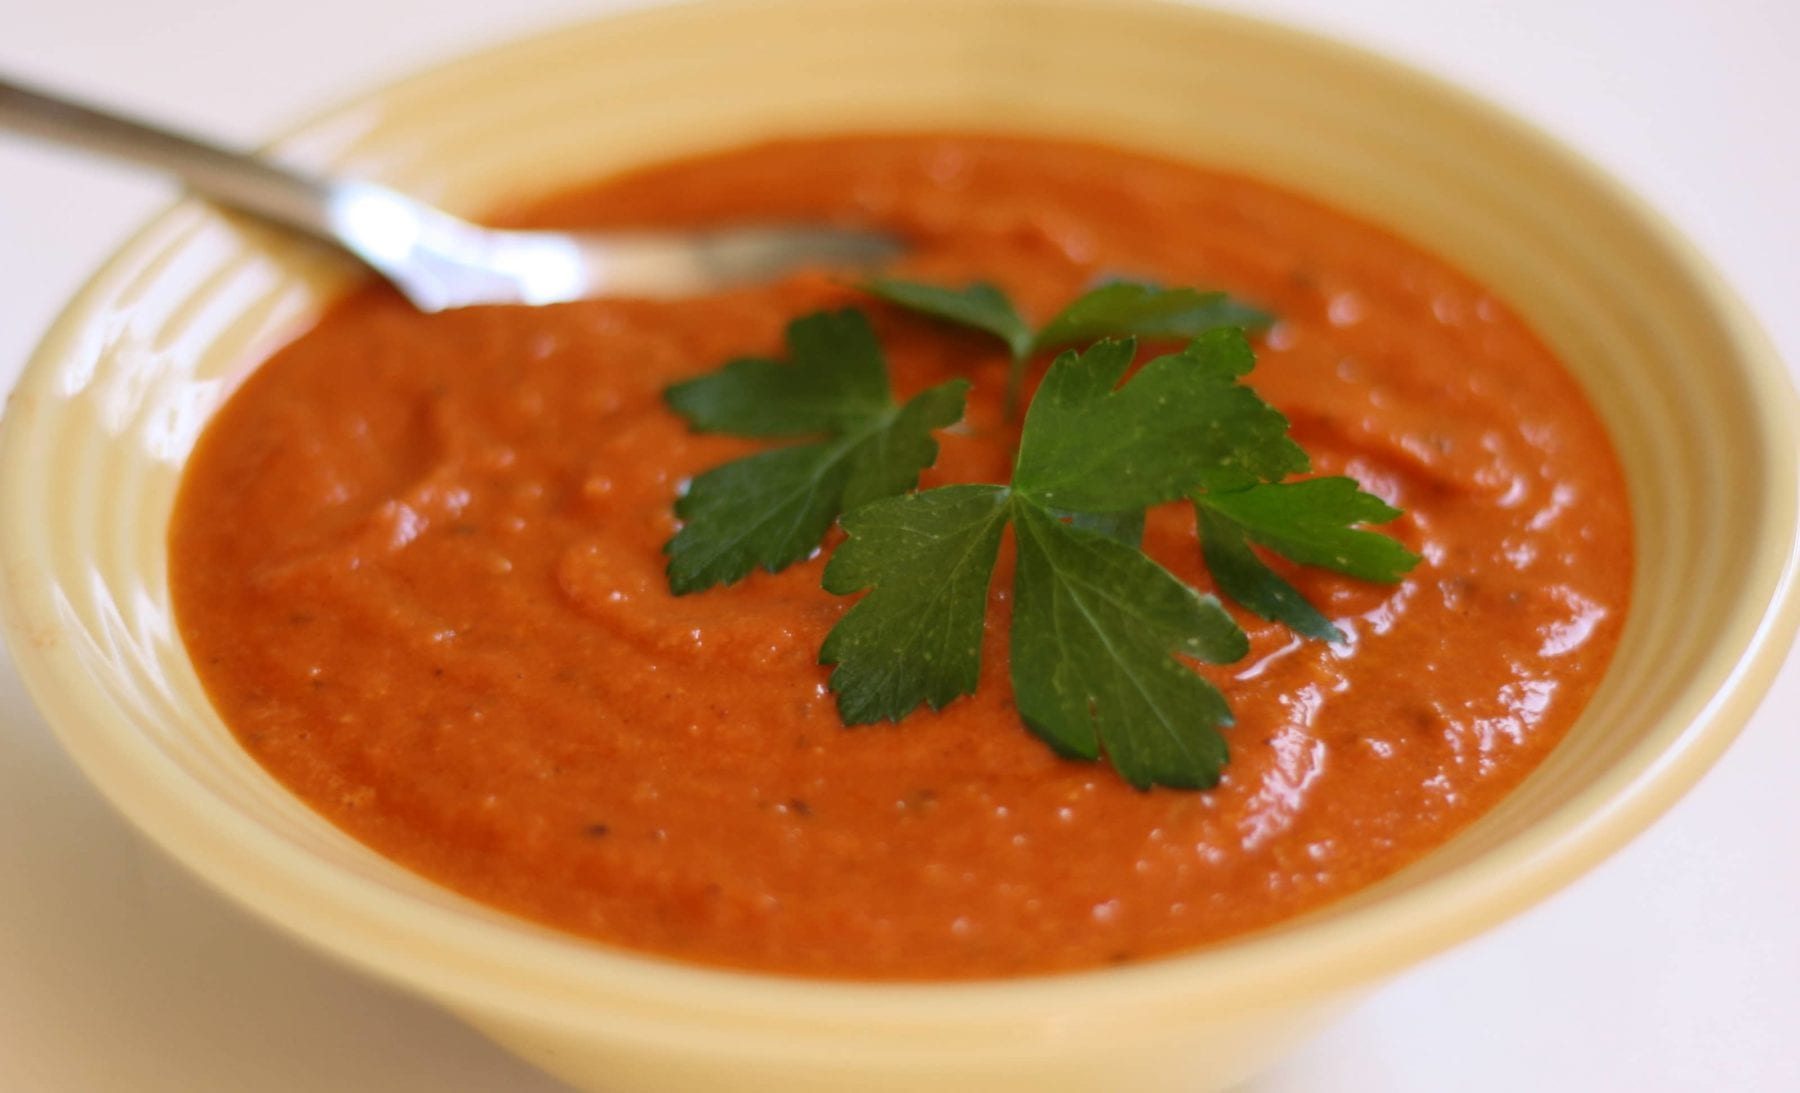 Homemade Creamy Sun Dried Tomato Soup Recipe